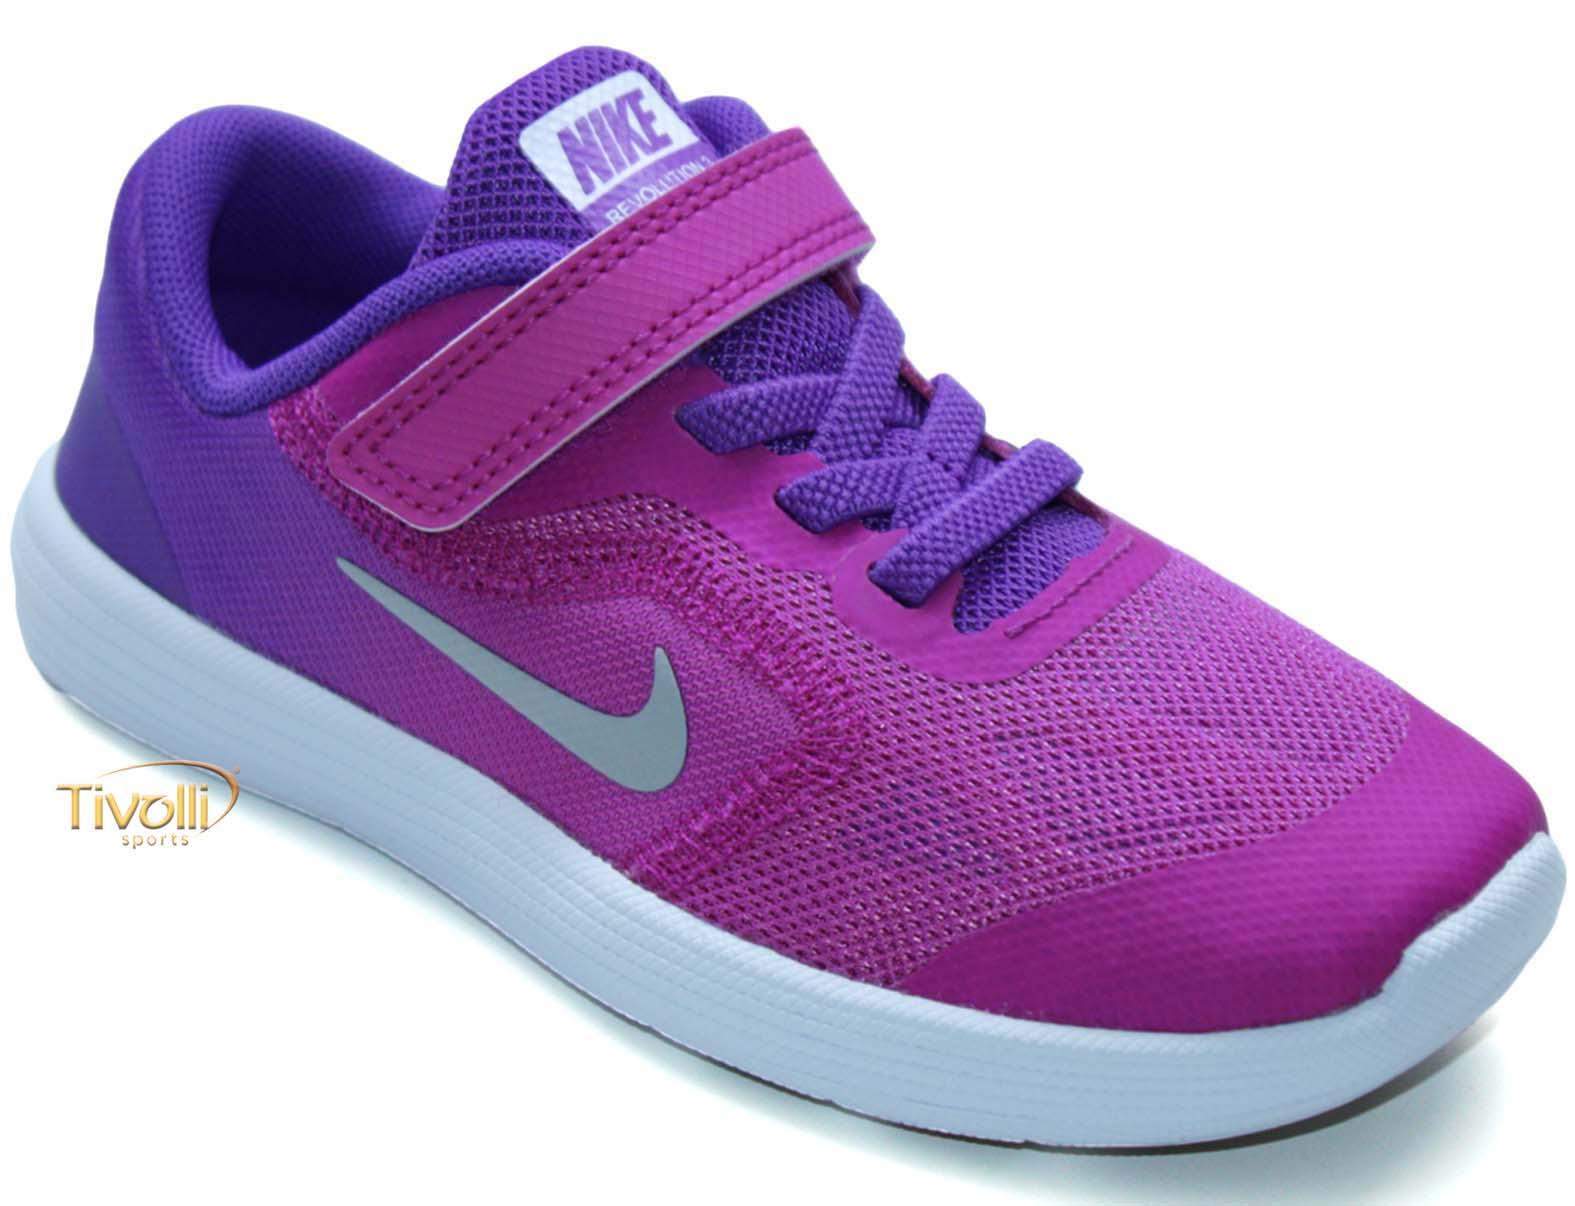 01e1c30def Tênis Nike Revolution 3 (PSV)   tam. 27 ao 33